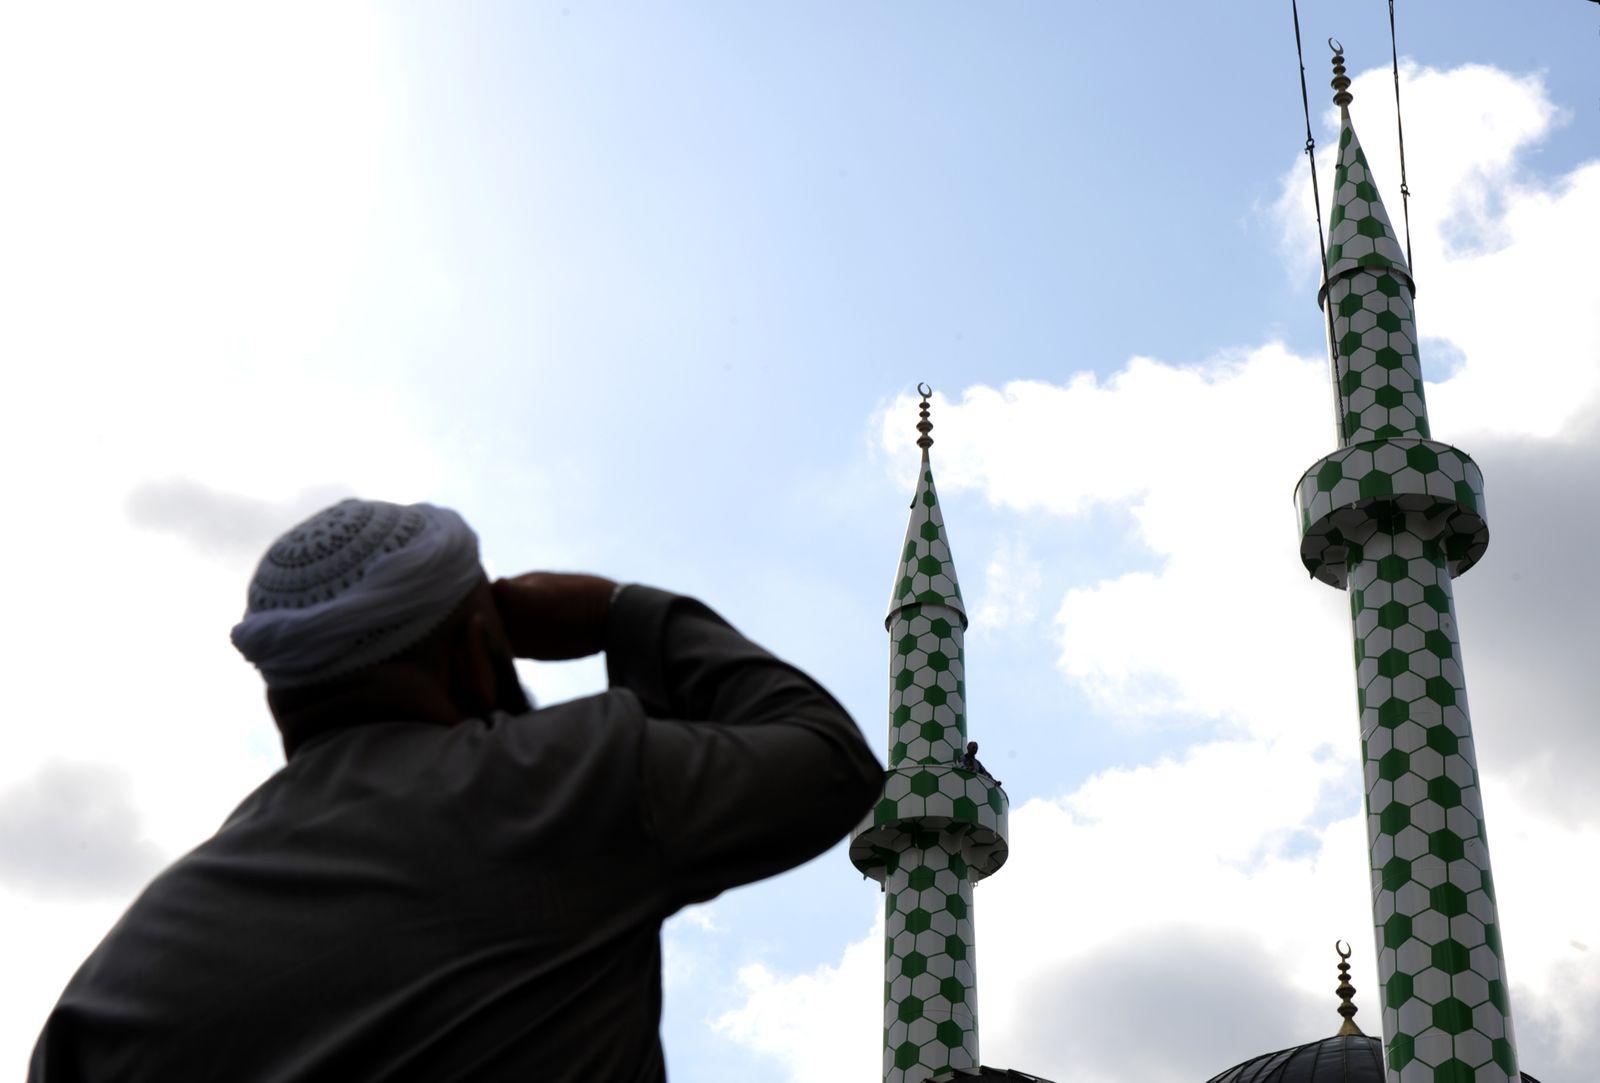 Hamburger Künstler für Minarette ausgezeichnet